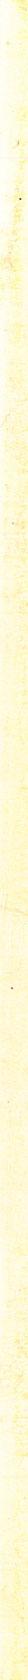 Трактор МТЗ-50. СССР, 1962-1985 гг. Бумажная модель (масштаб 1:25) (Серия